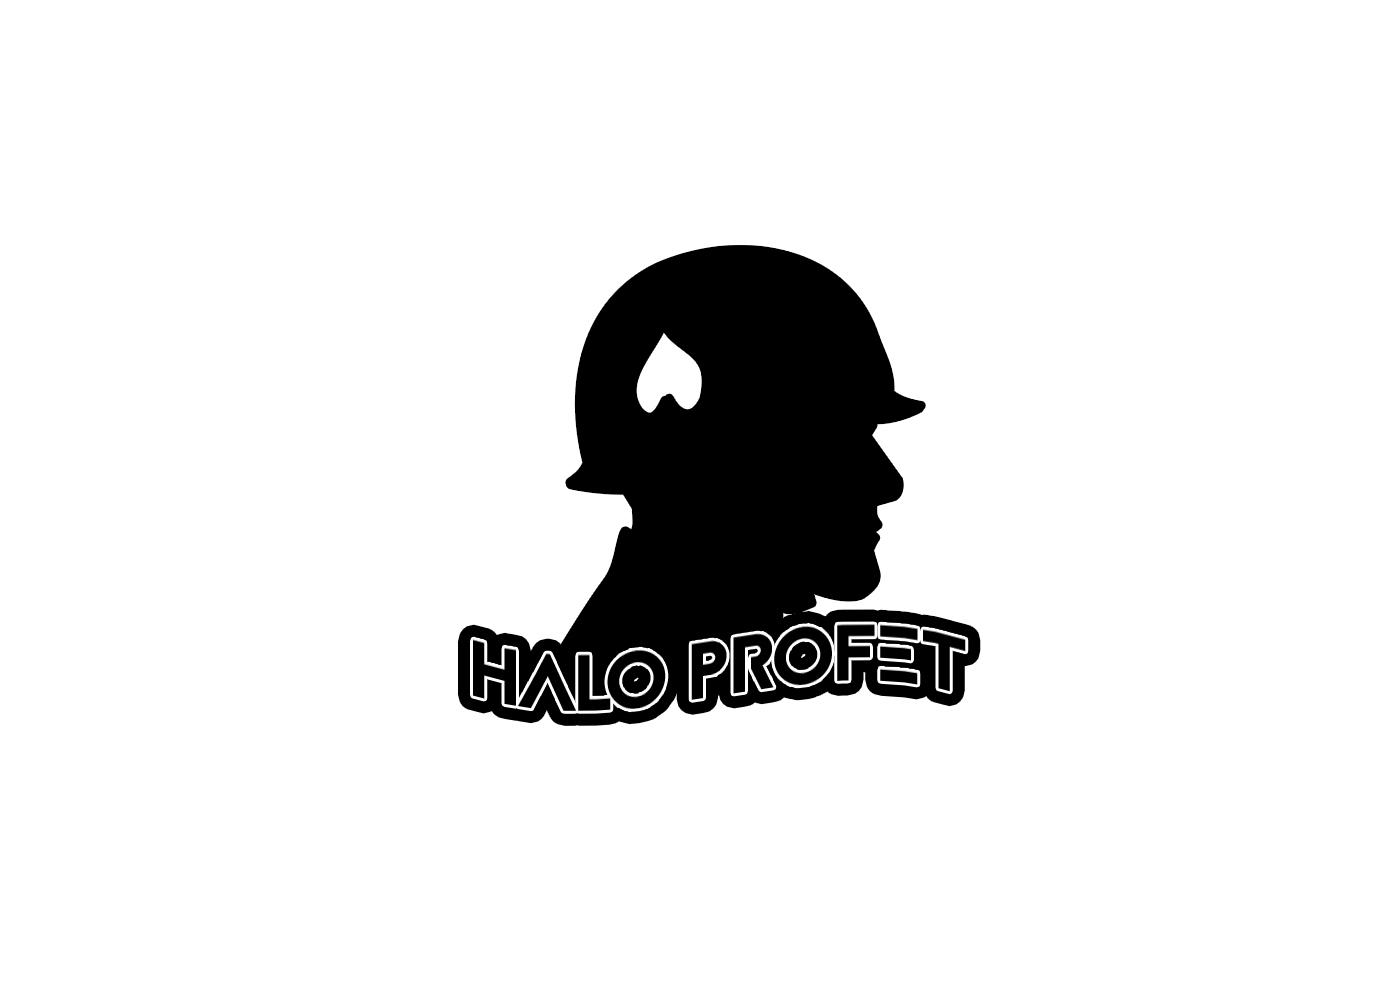 hallo_prophet_logo